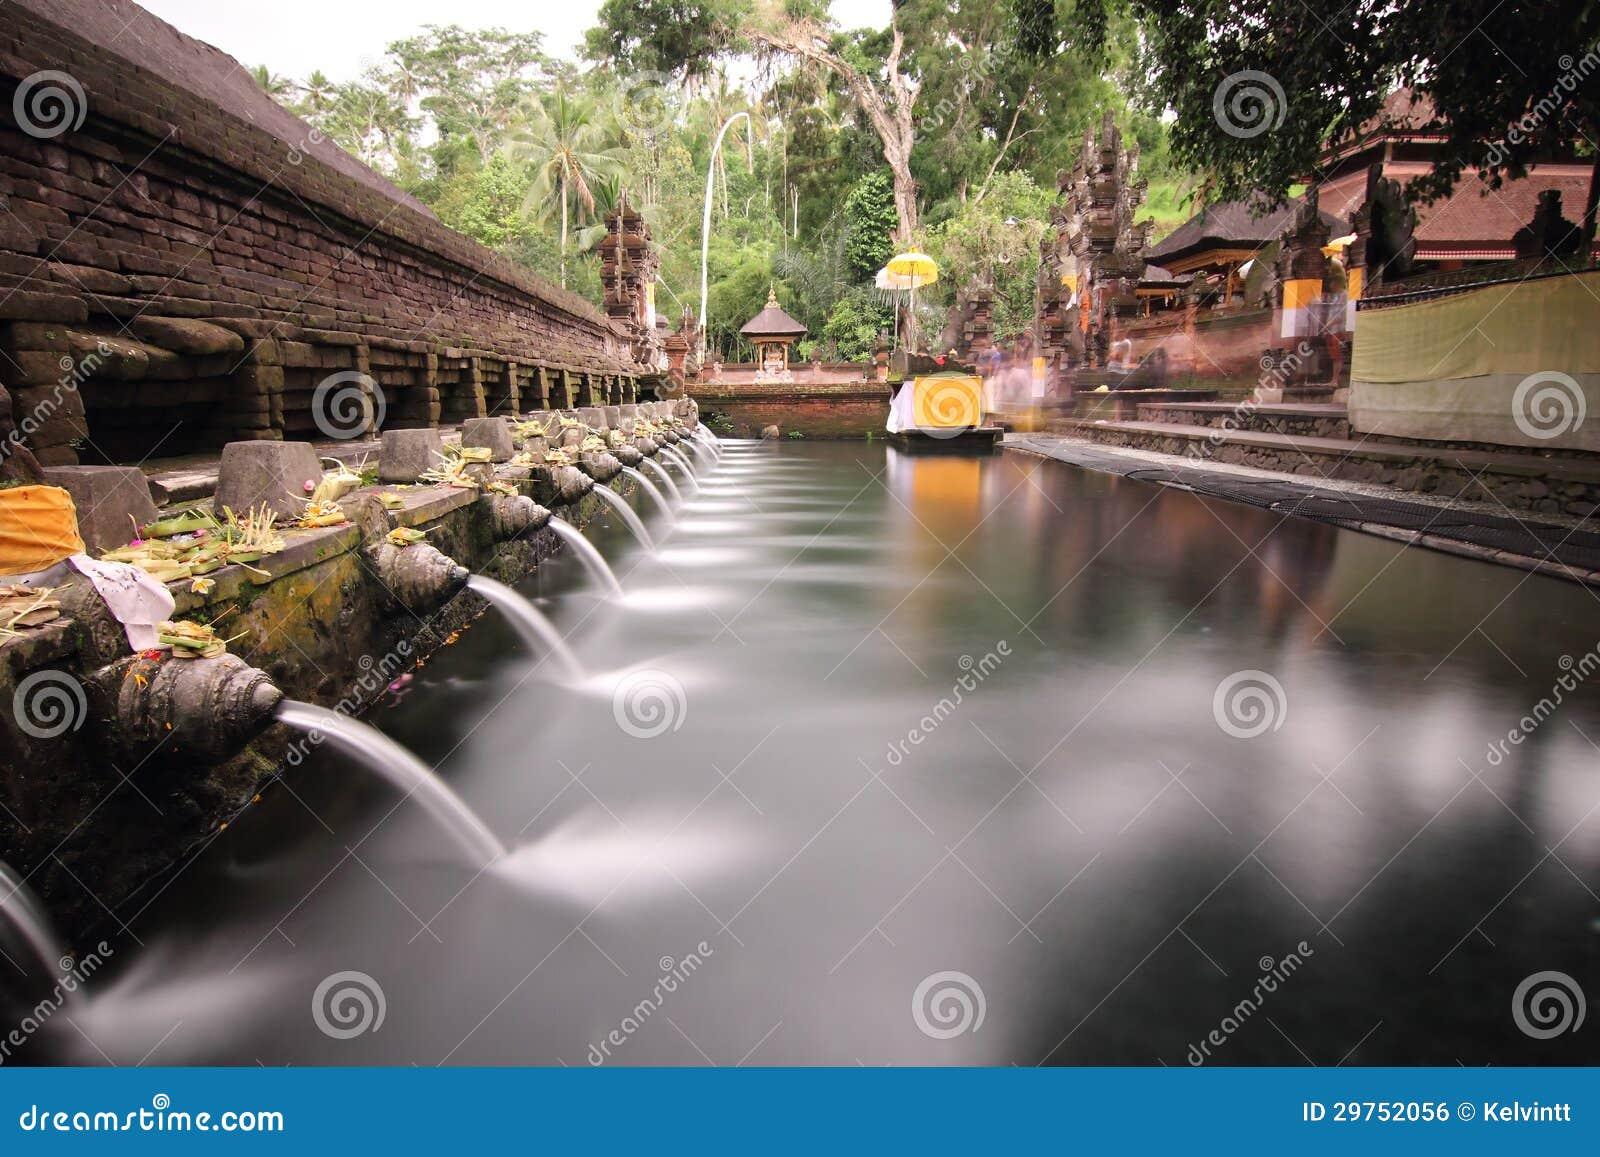 Associação de banho ritual em Puru Tirtha Empul, Bali